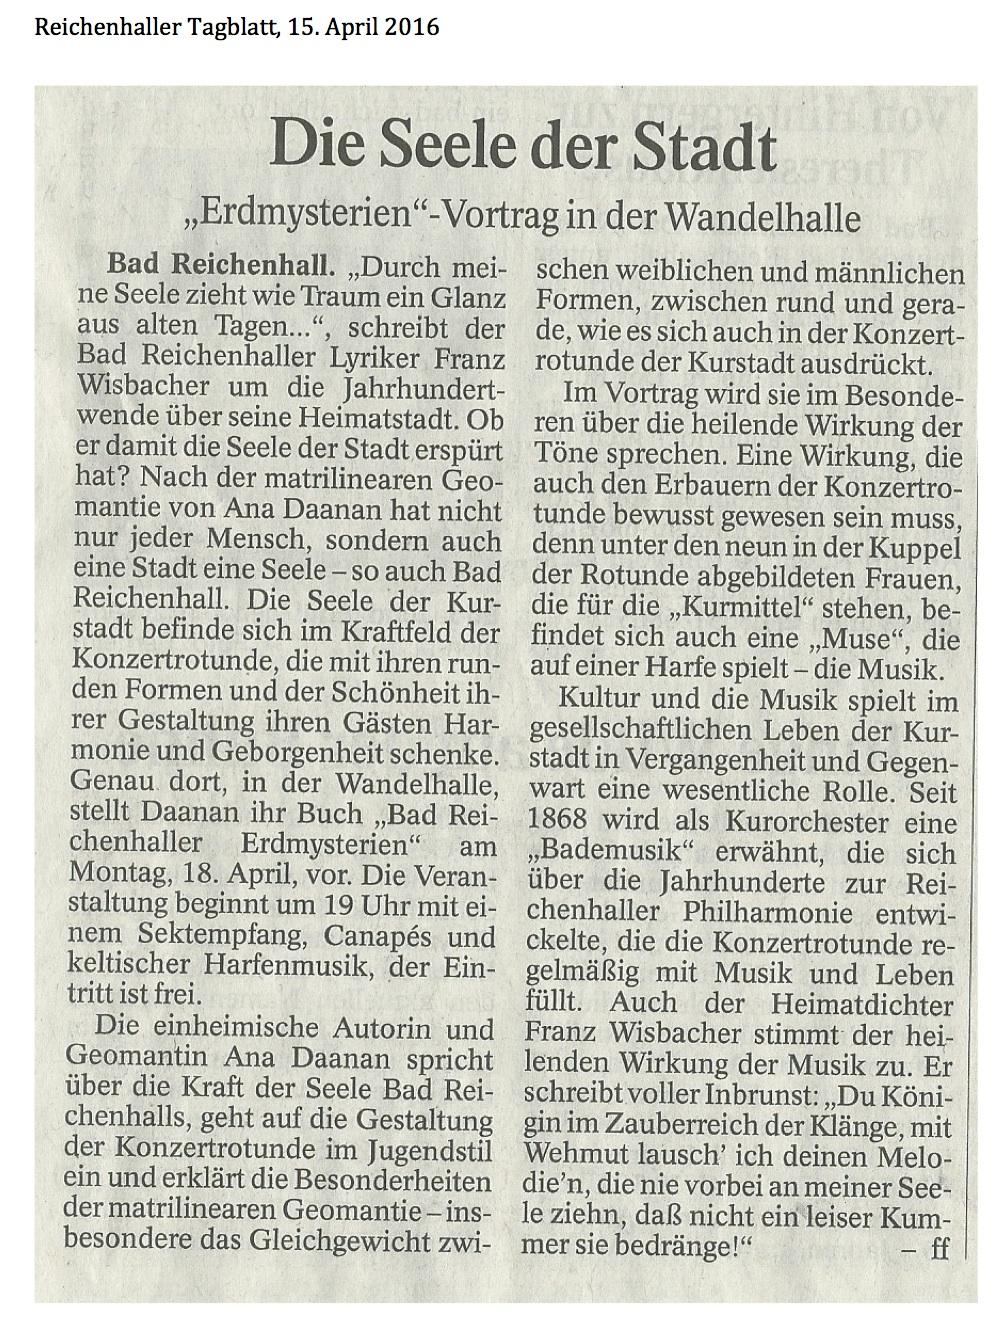 erdmysterien_tagblatt_15.04.16